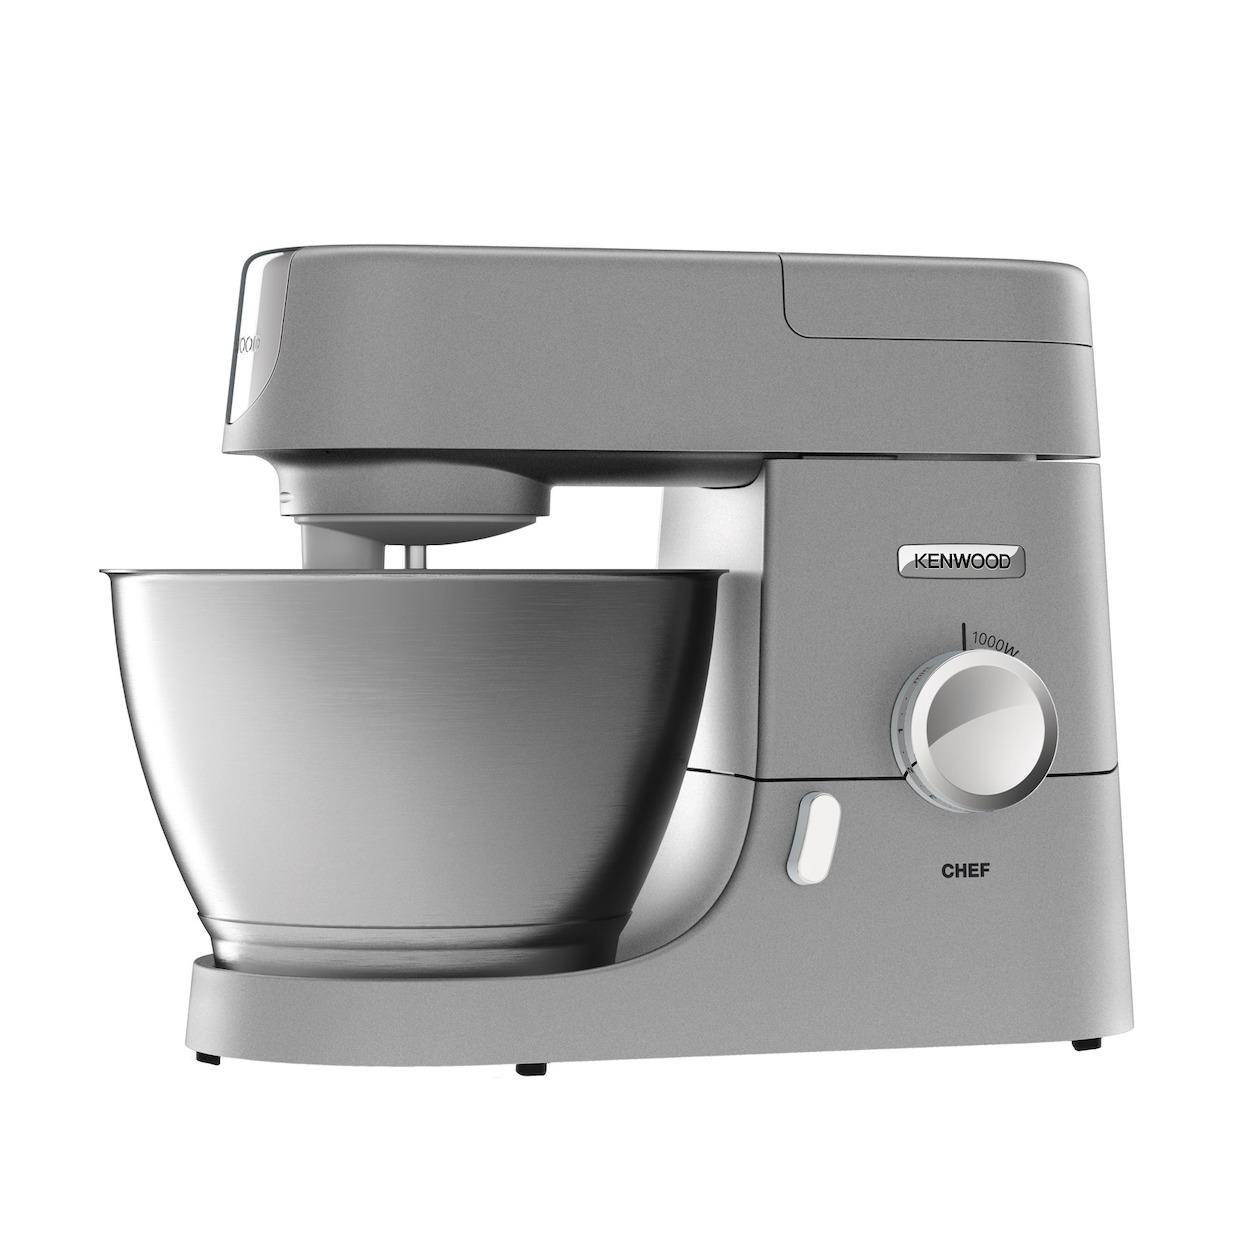 Kenwood keukenmachine KVC3170S zilver - Prijsvergelijk